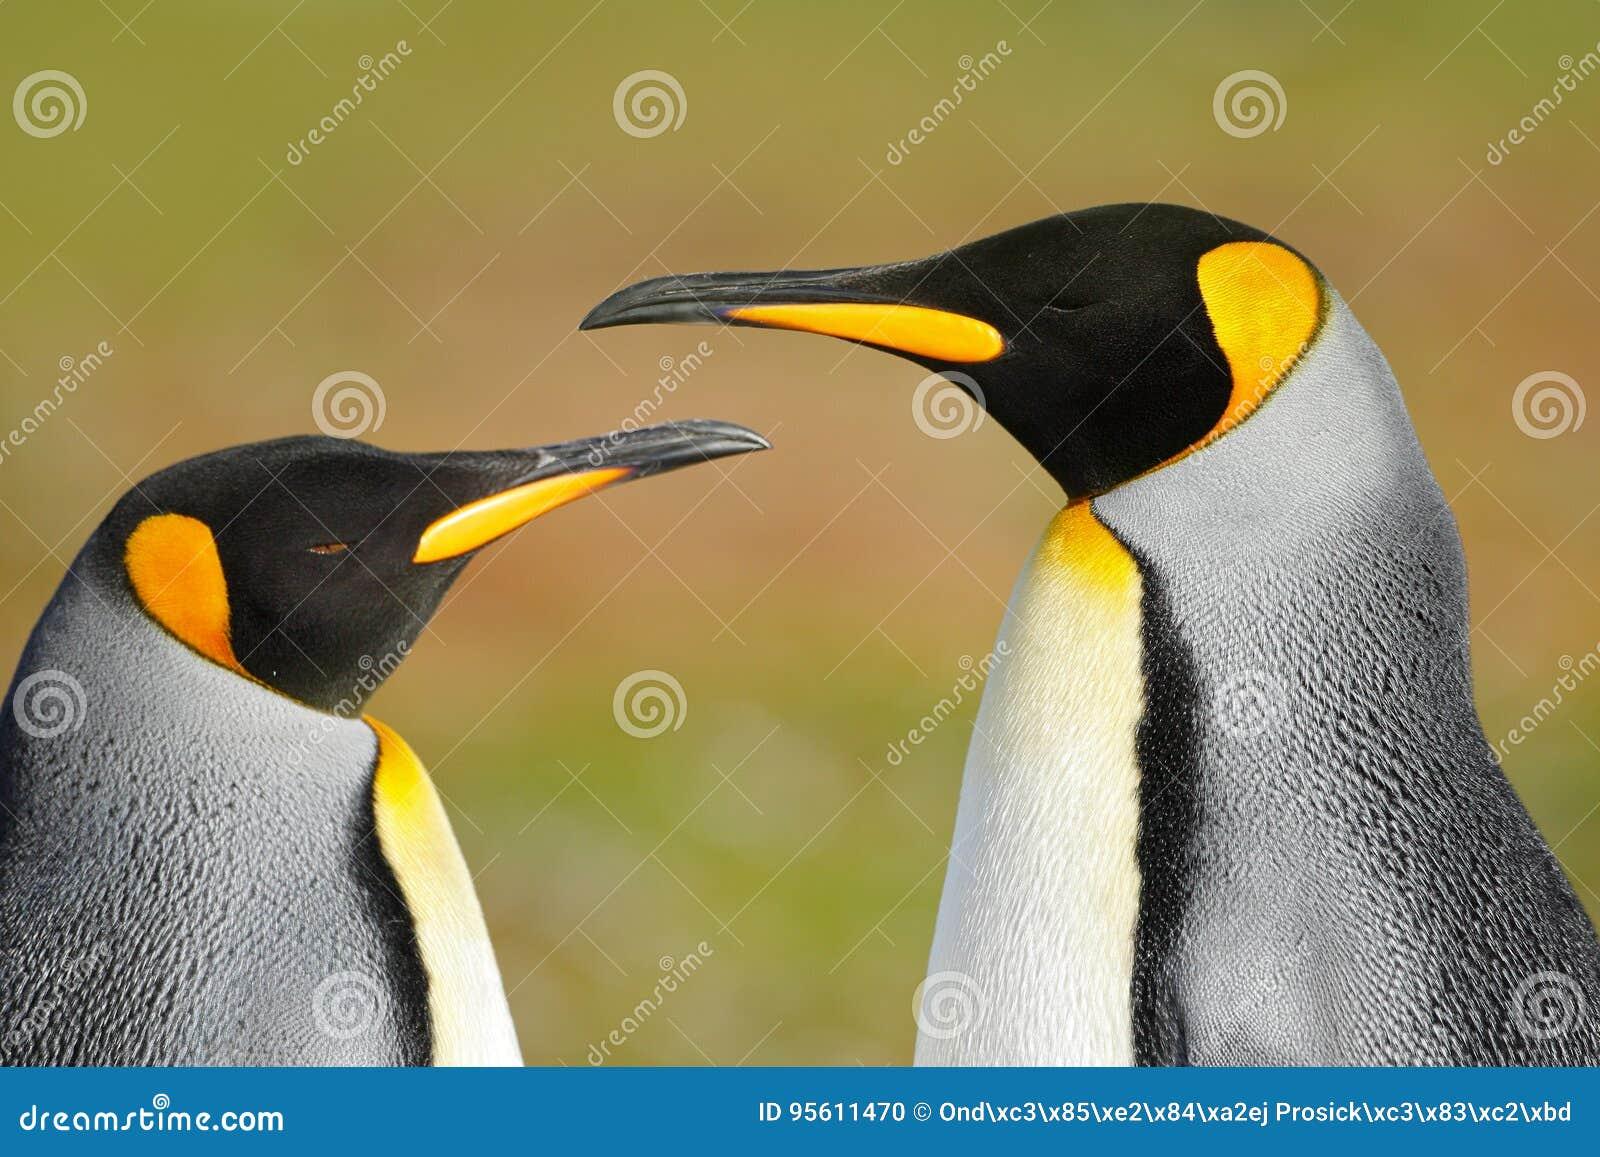 Δύο penguins Αγκαλιά ζευγών βασιλιάδων penguin, άγρια φύση, πράσινο υπόβαθρο Δύο penguins που κάνουν την αγάπη Στη χλόη Σκηνή άγρ